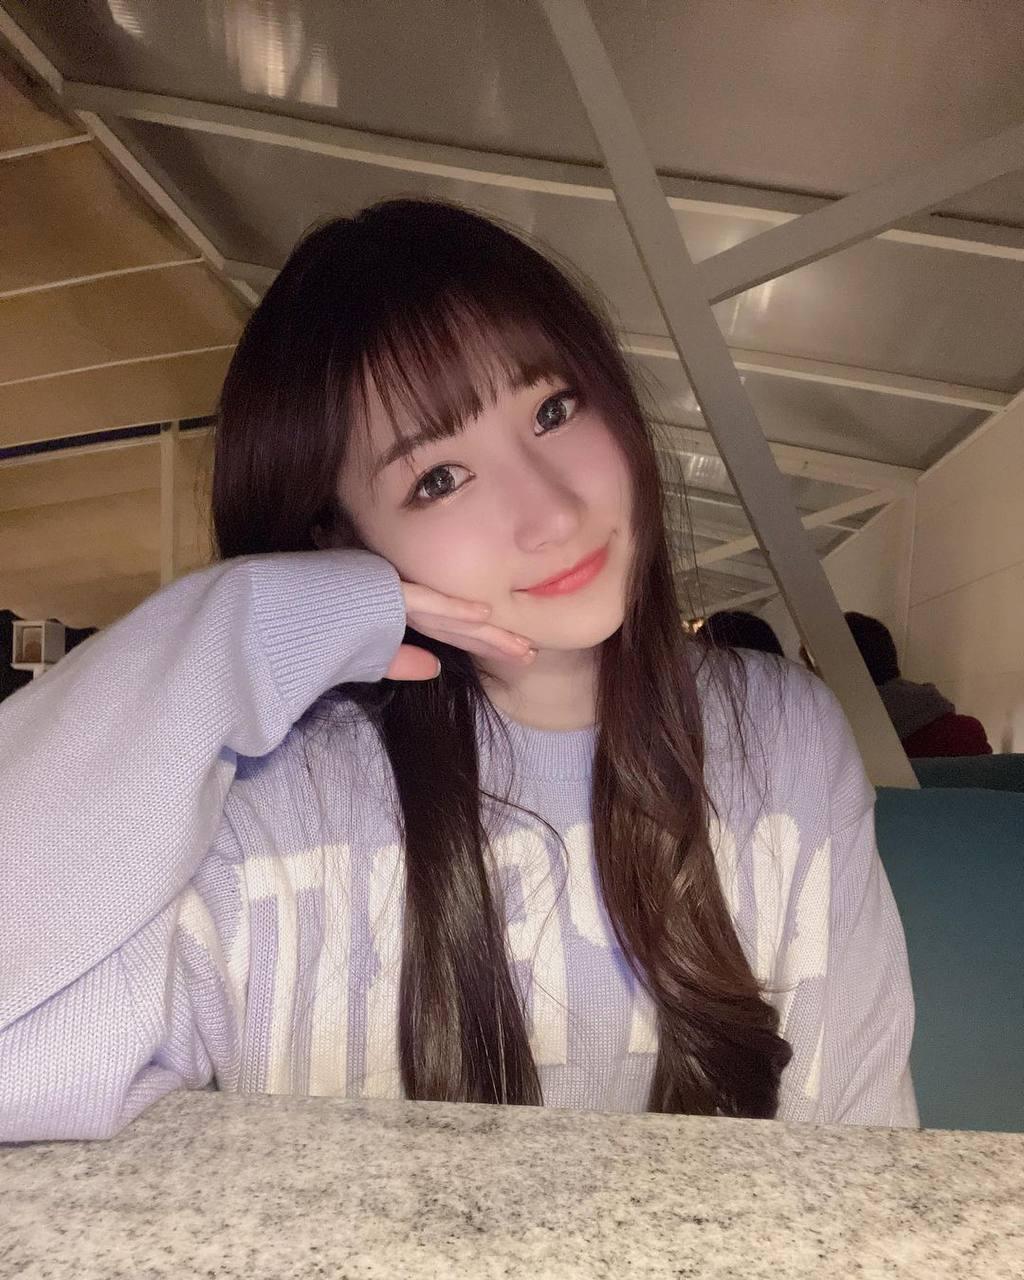 佳人如梦第二十二期 网络美女 第63张